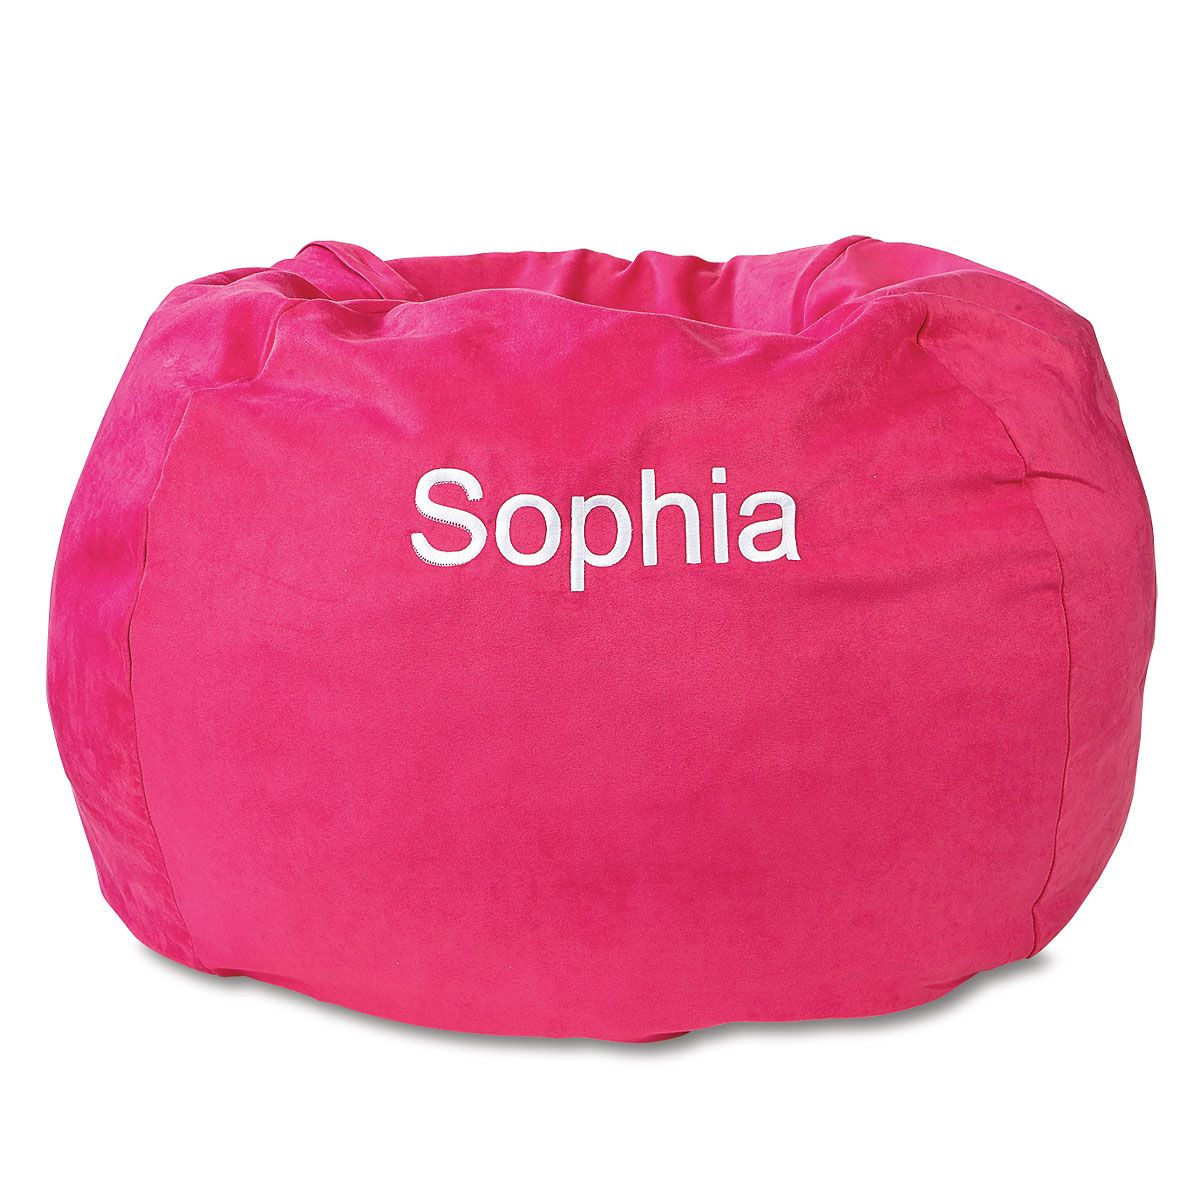 Fuchsia Personalized Bean Bag Chair